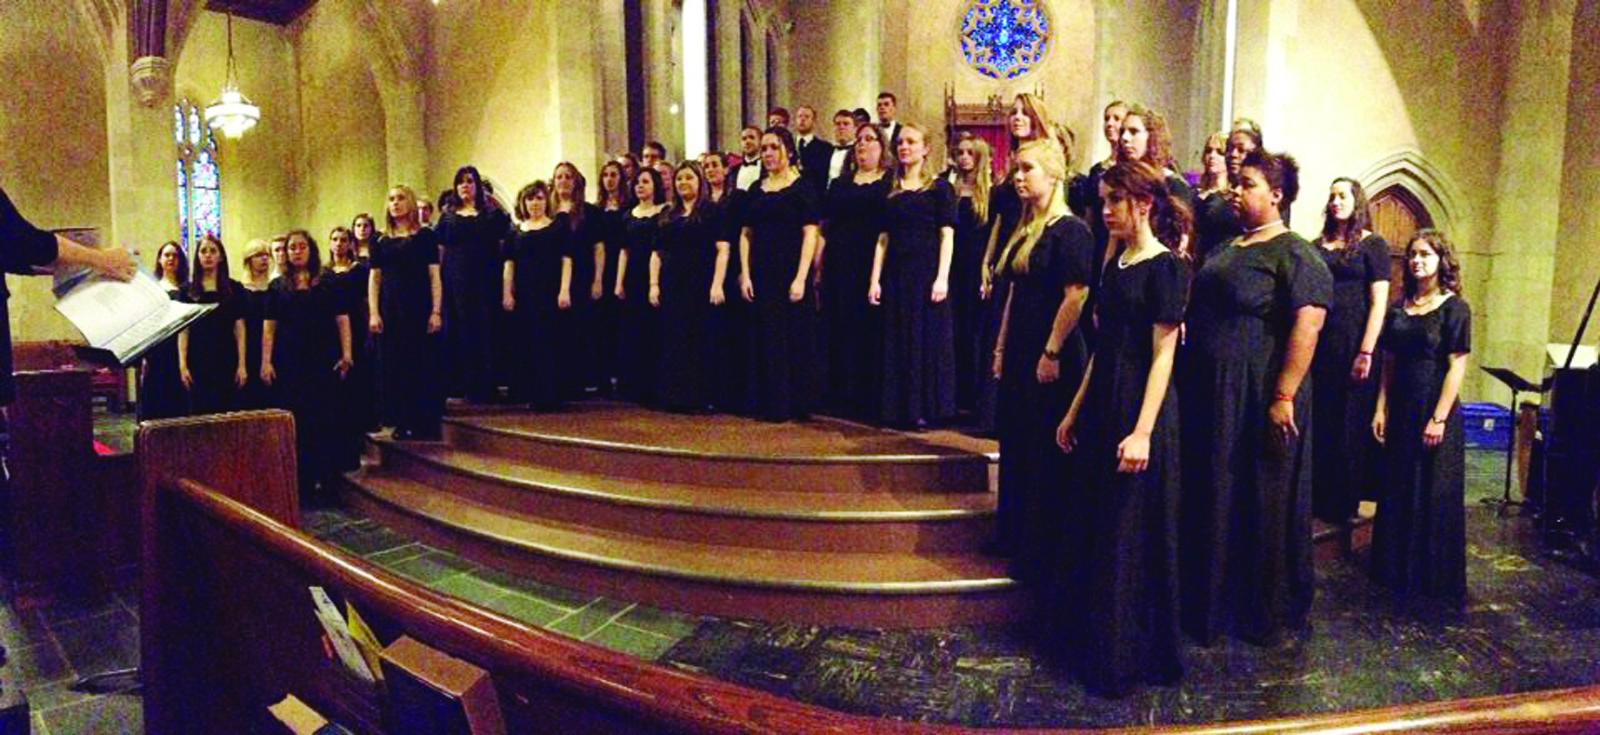 maryville college choir 3.jpg